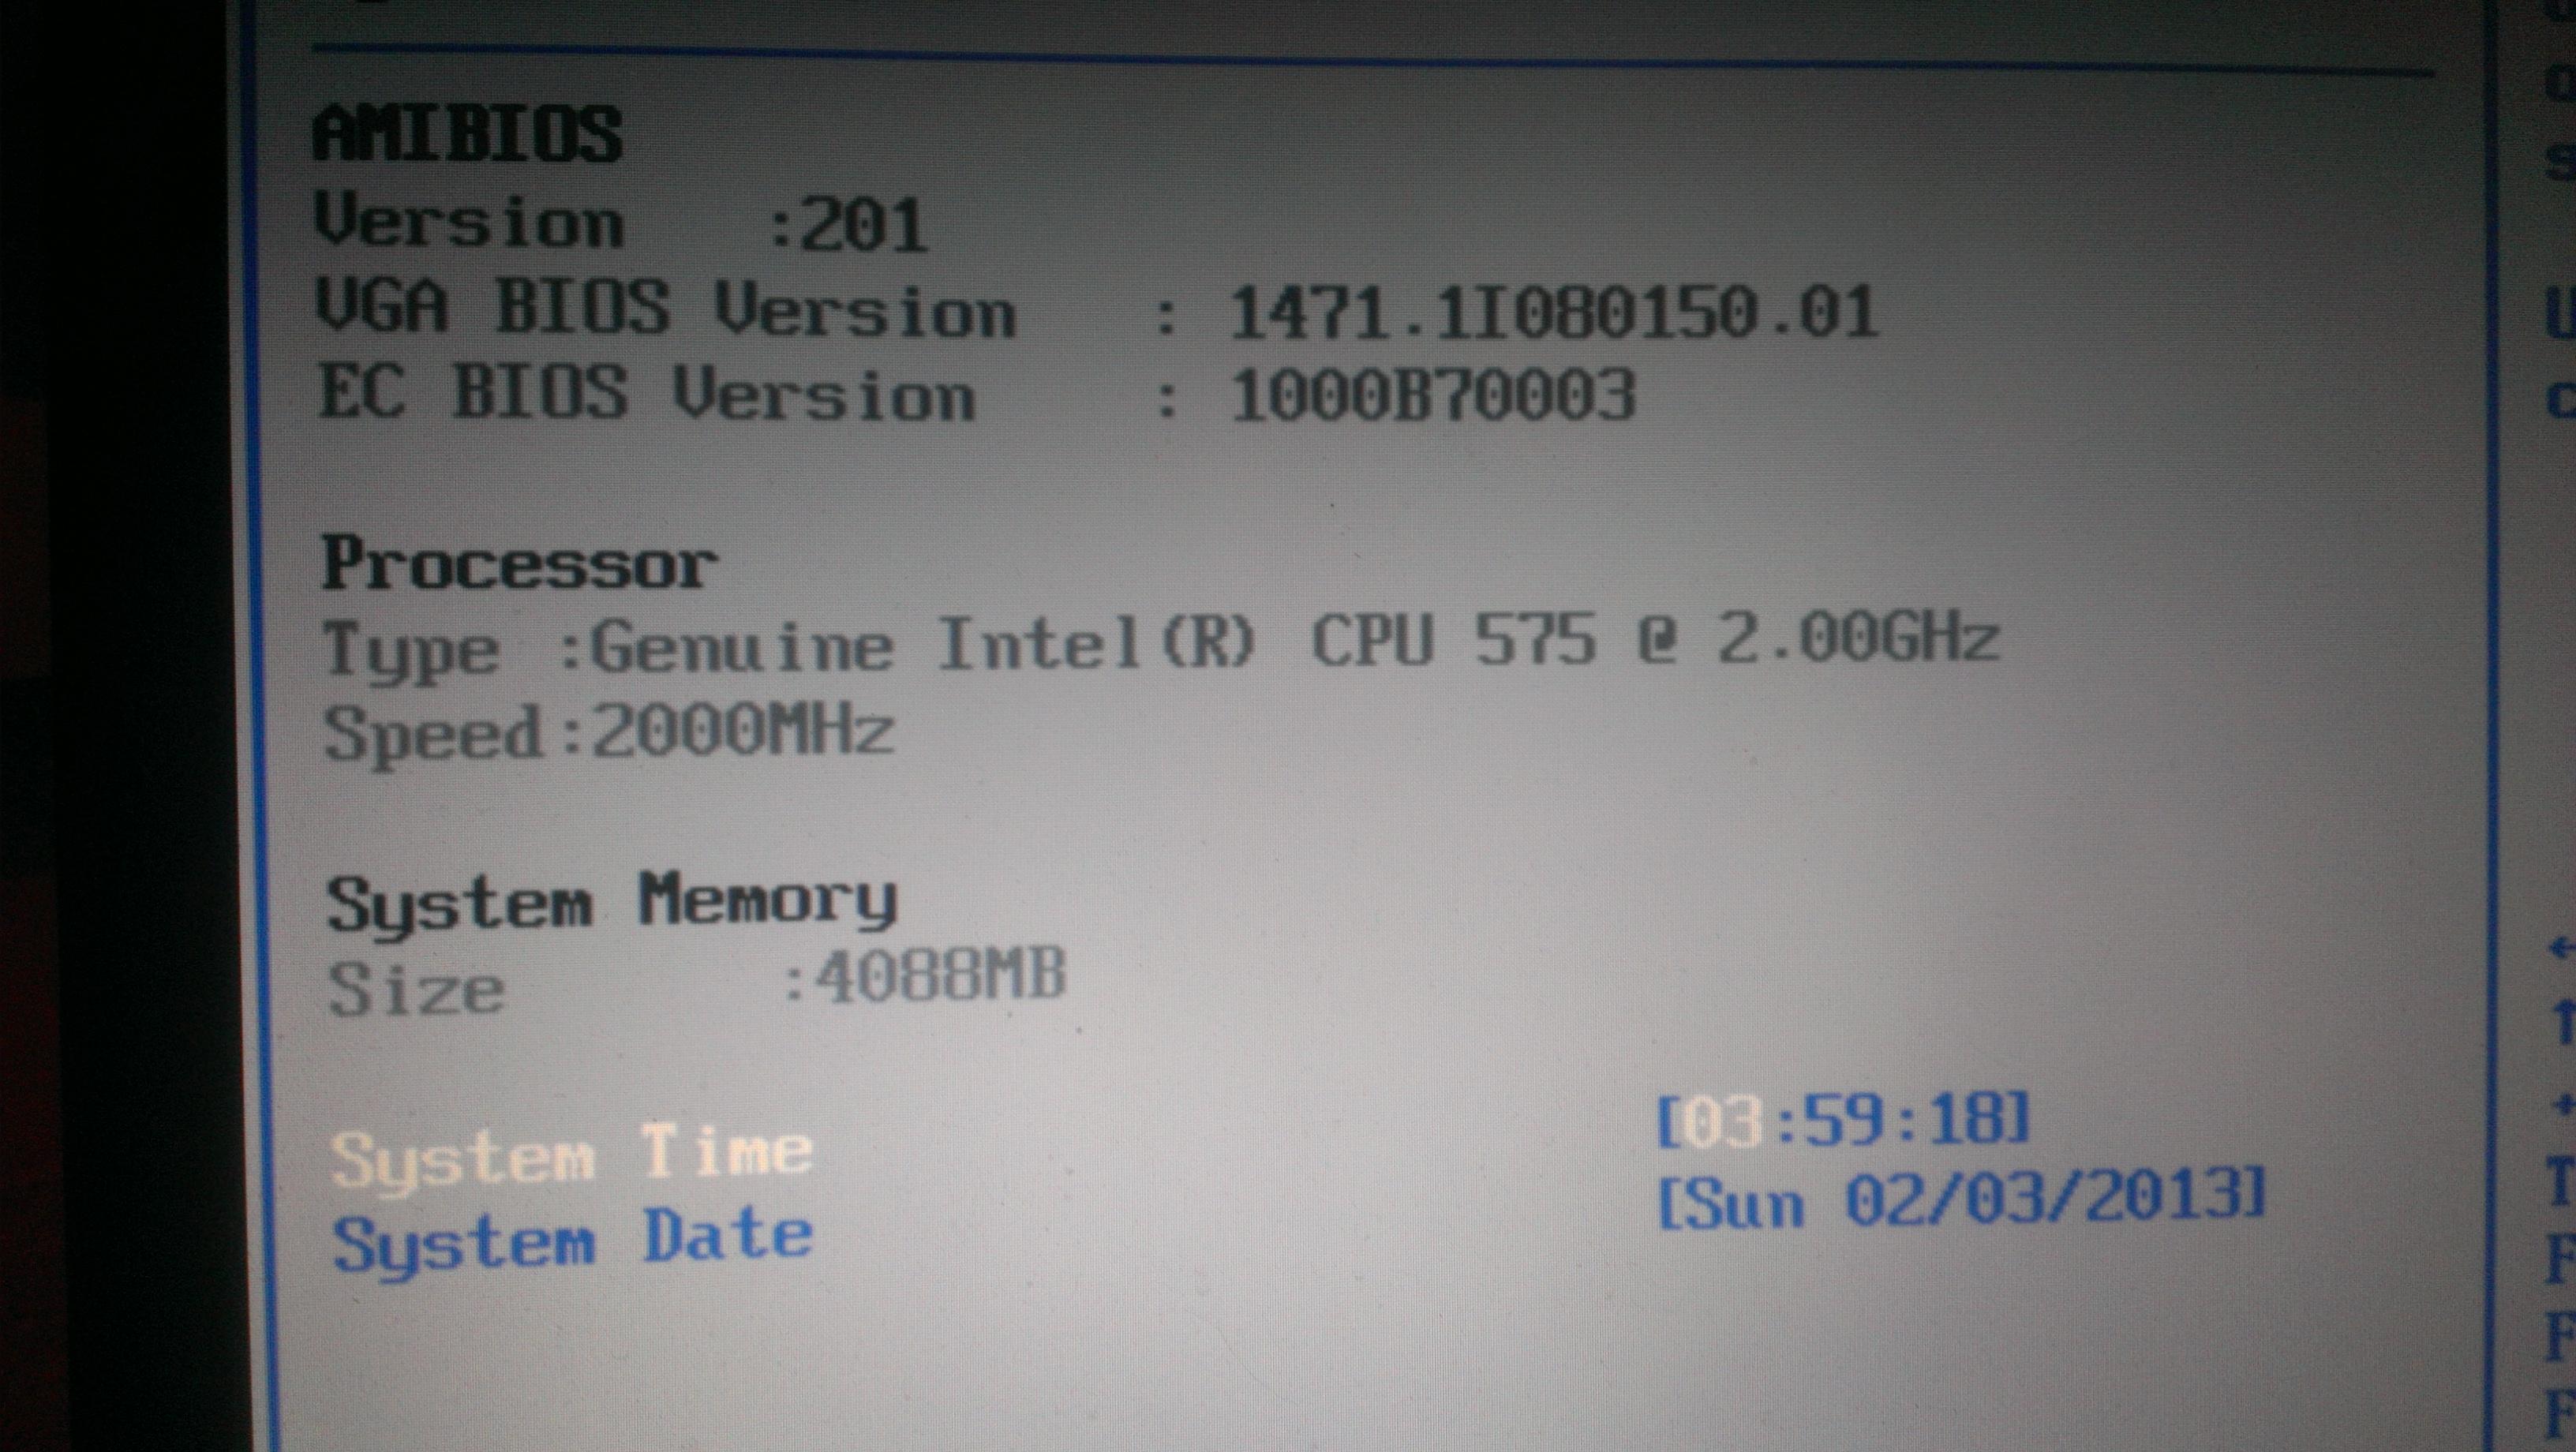 INTEL GL960 GM965 WINDOWS 7 64BIT DRIVER